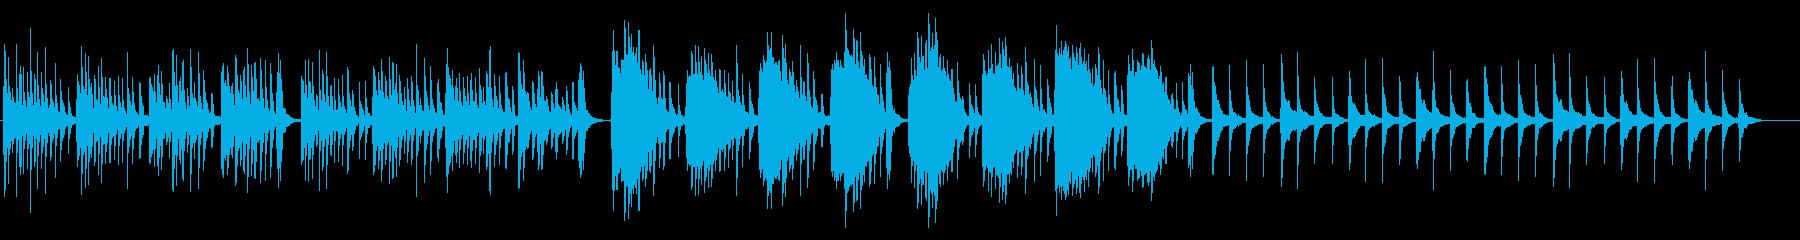 和風で切ないピアノとストリングスBGMの再生済みの波形